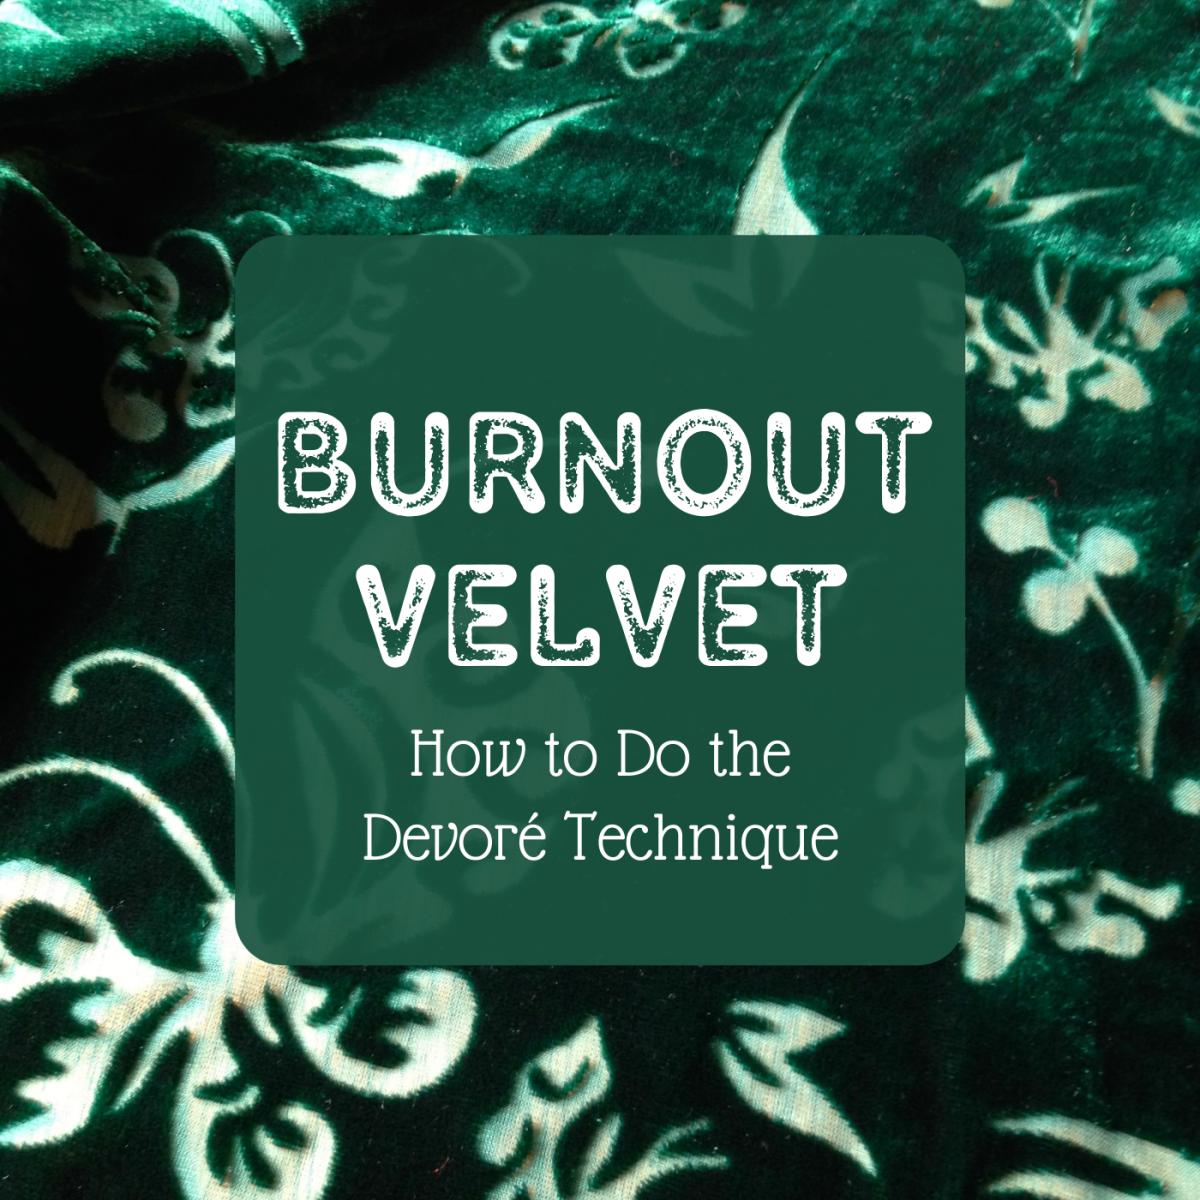 Devoré Velvet Fabric: How to Make Burnout Textiles